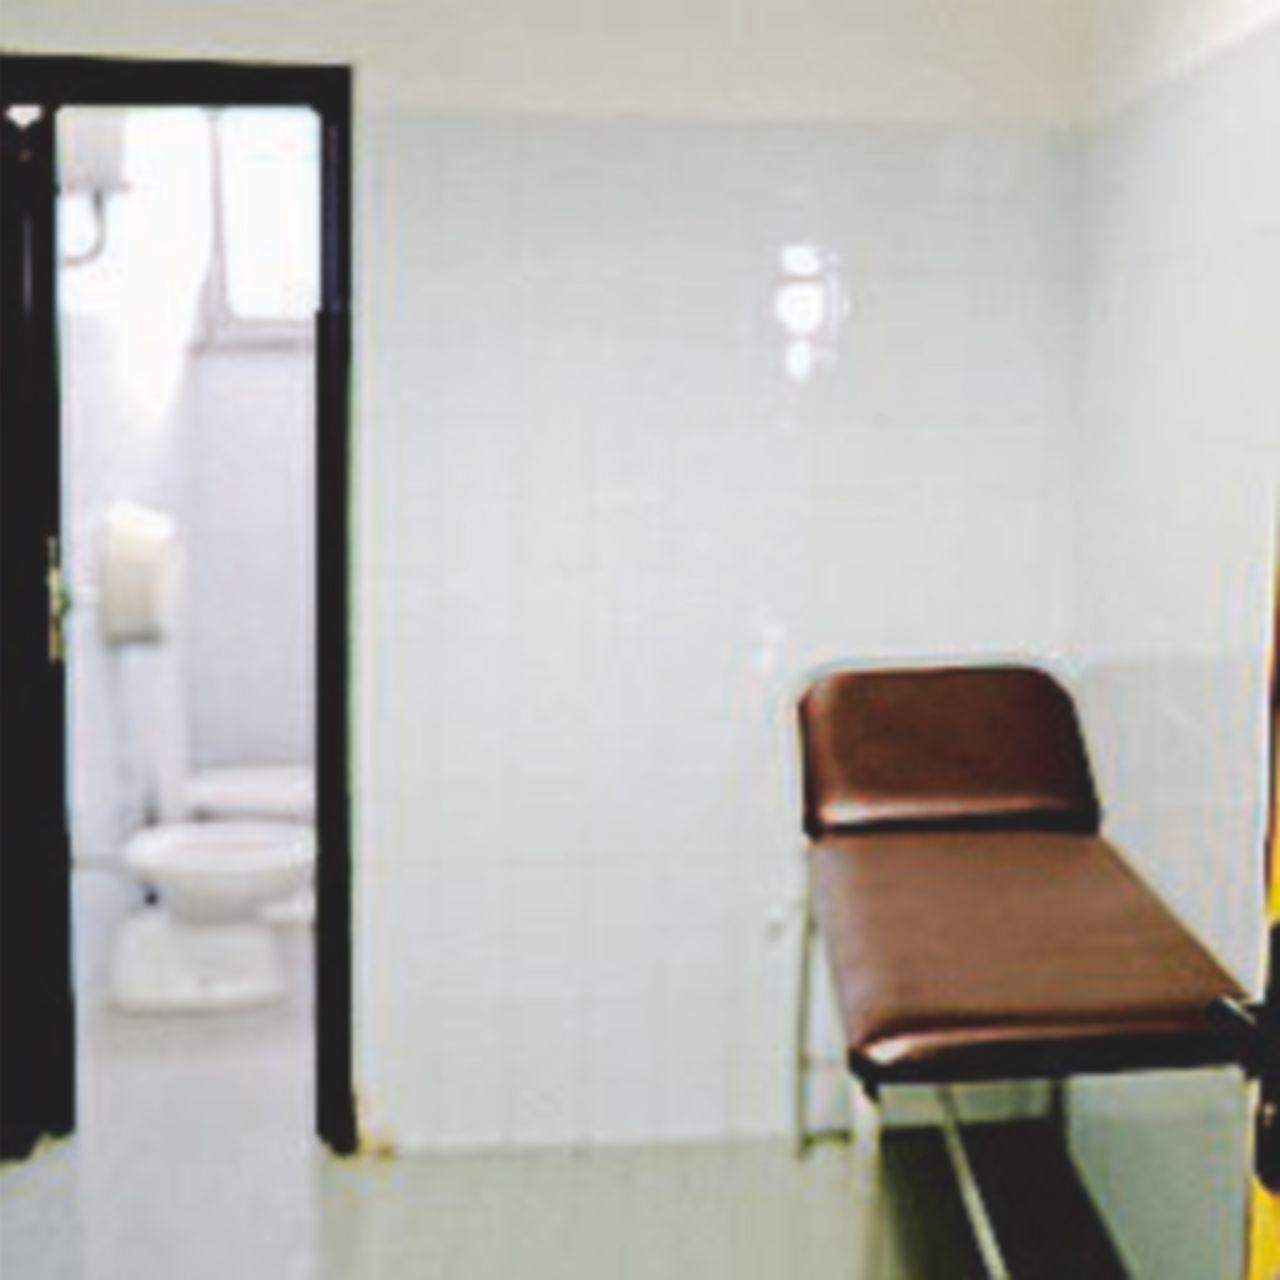 Napoli, salma vicino al bagno dell'ospedale. Aperta inchiesta